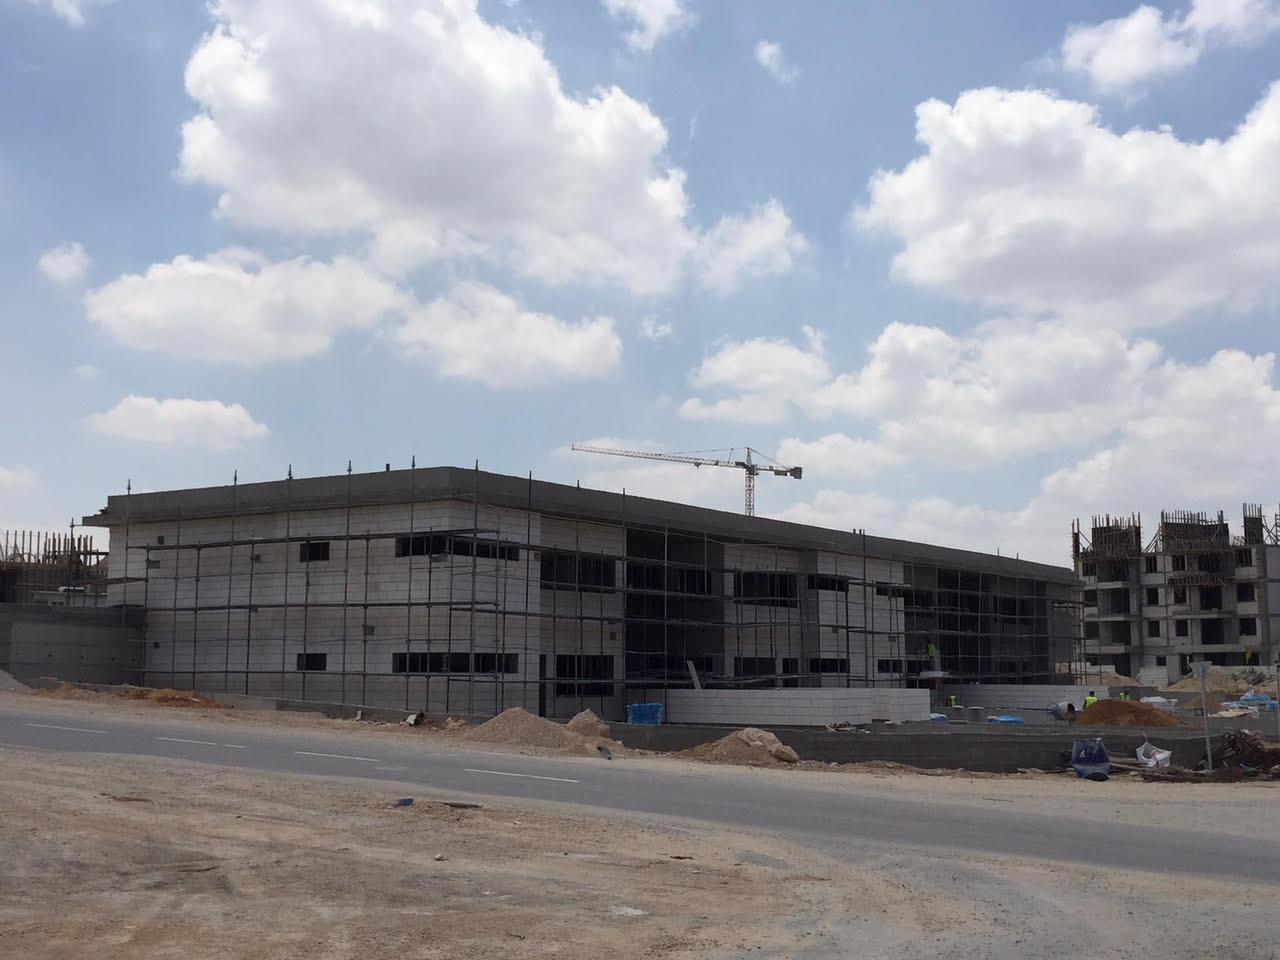 גנים בחריש בבנייה, מאי 2015